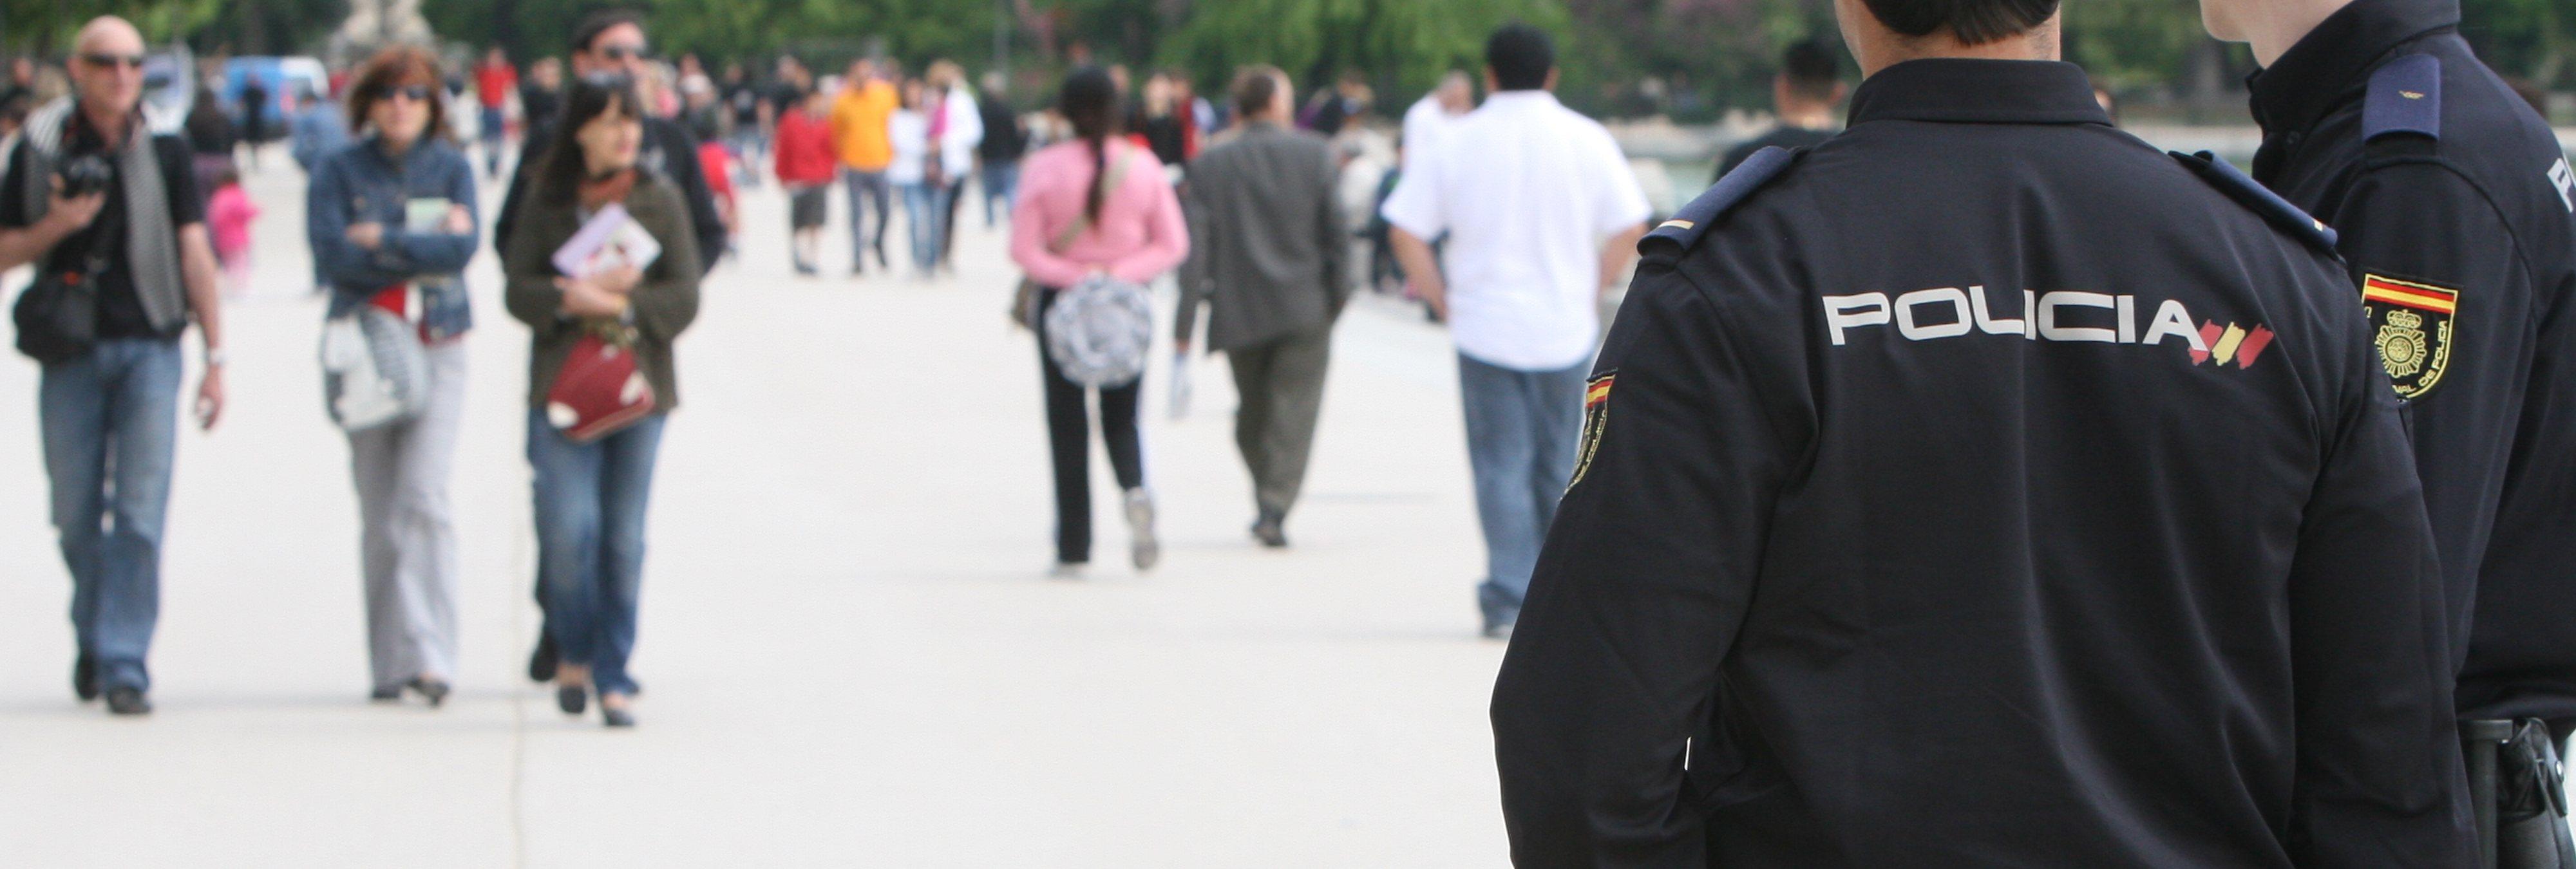 La Policía interviene en la calle Preciados de Madrid por anuncio hackeado con porno